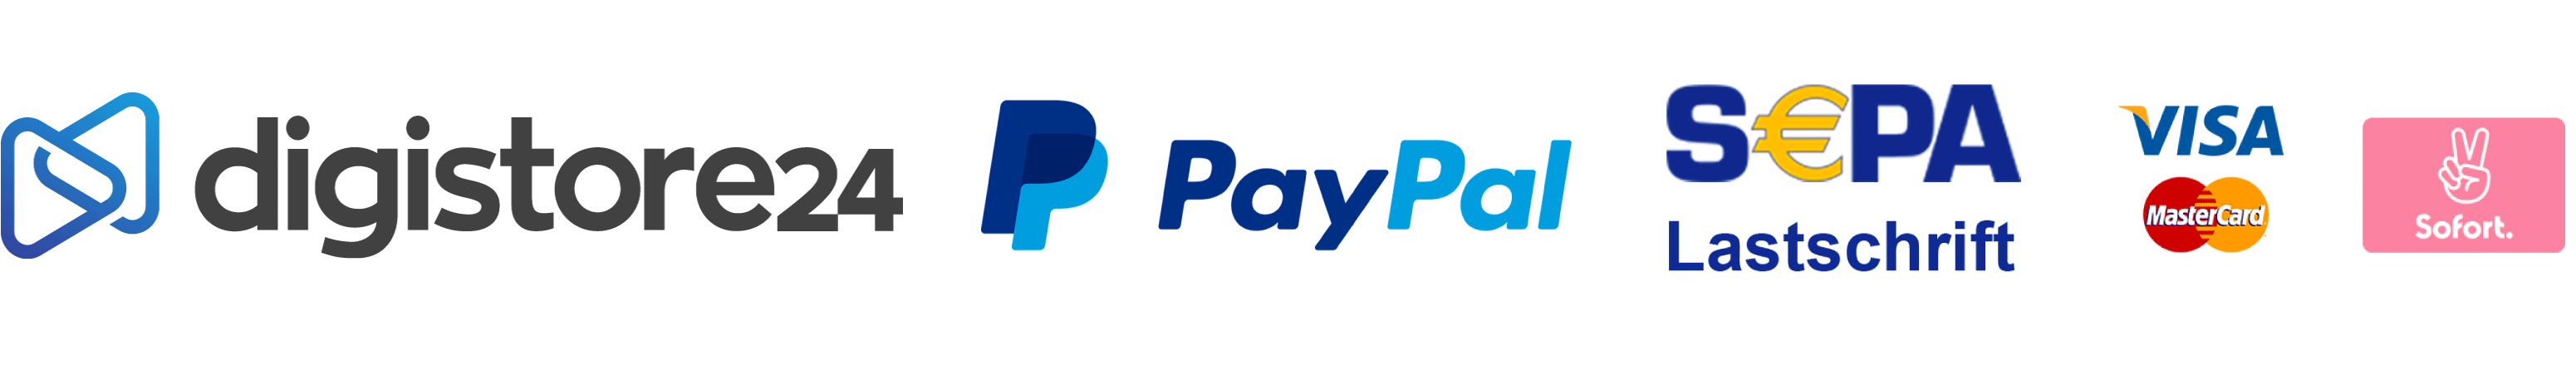 Zahlungsmethoden Digistore